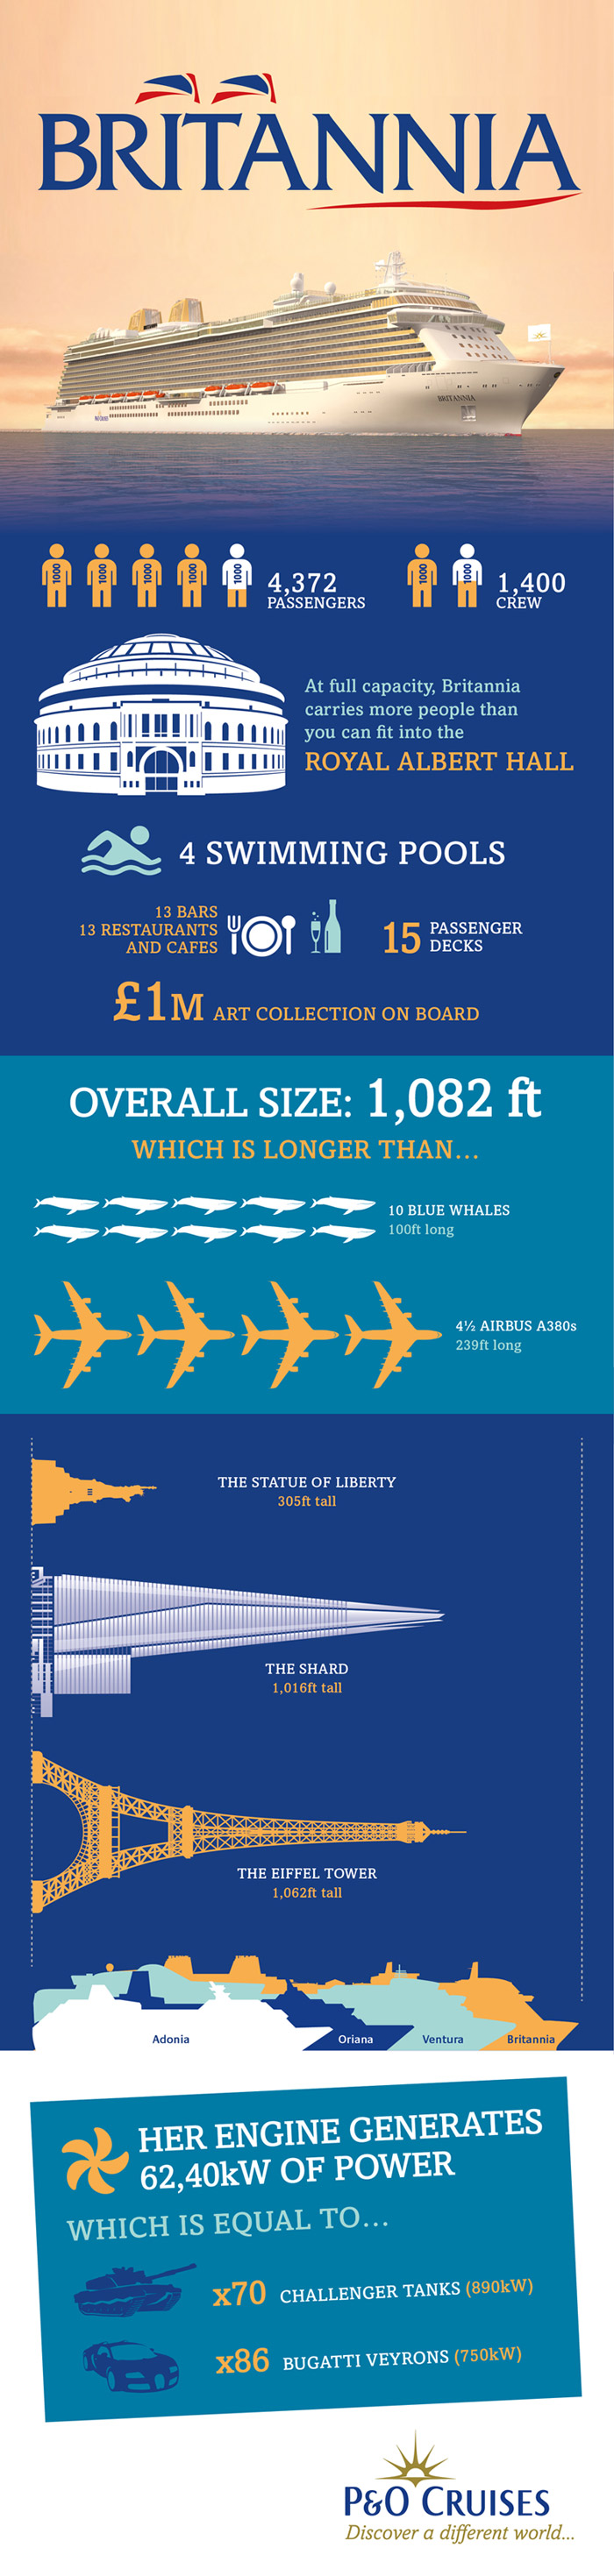 britannia-infographic